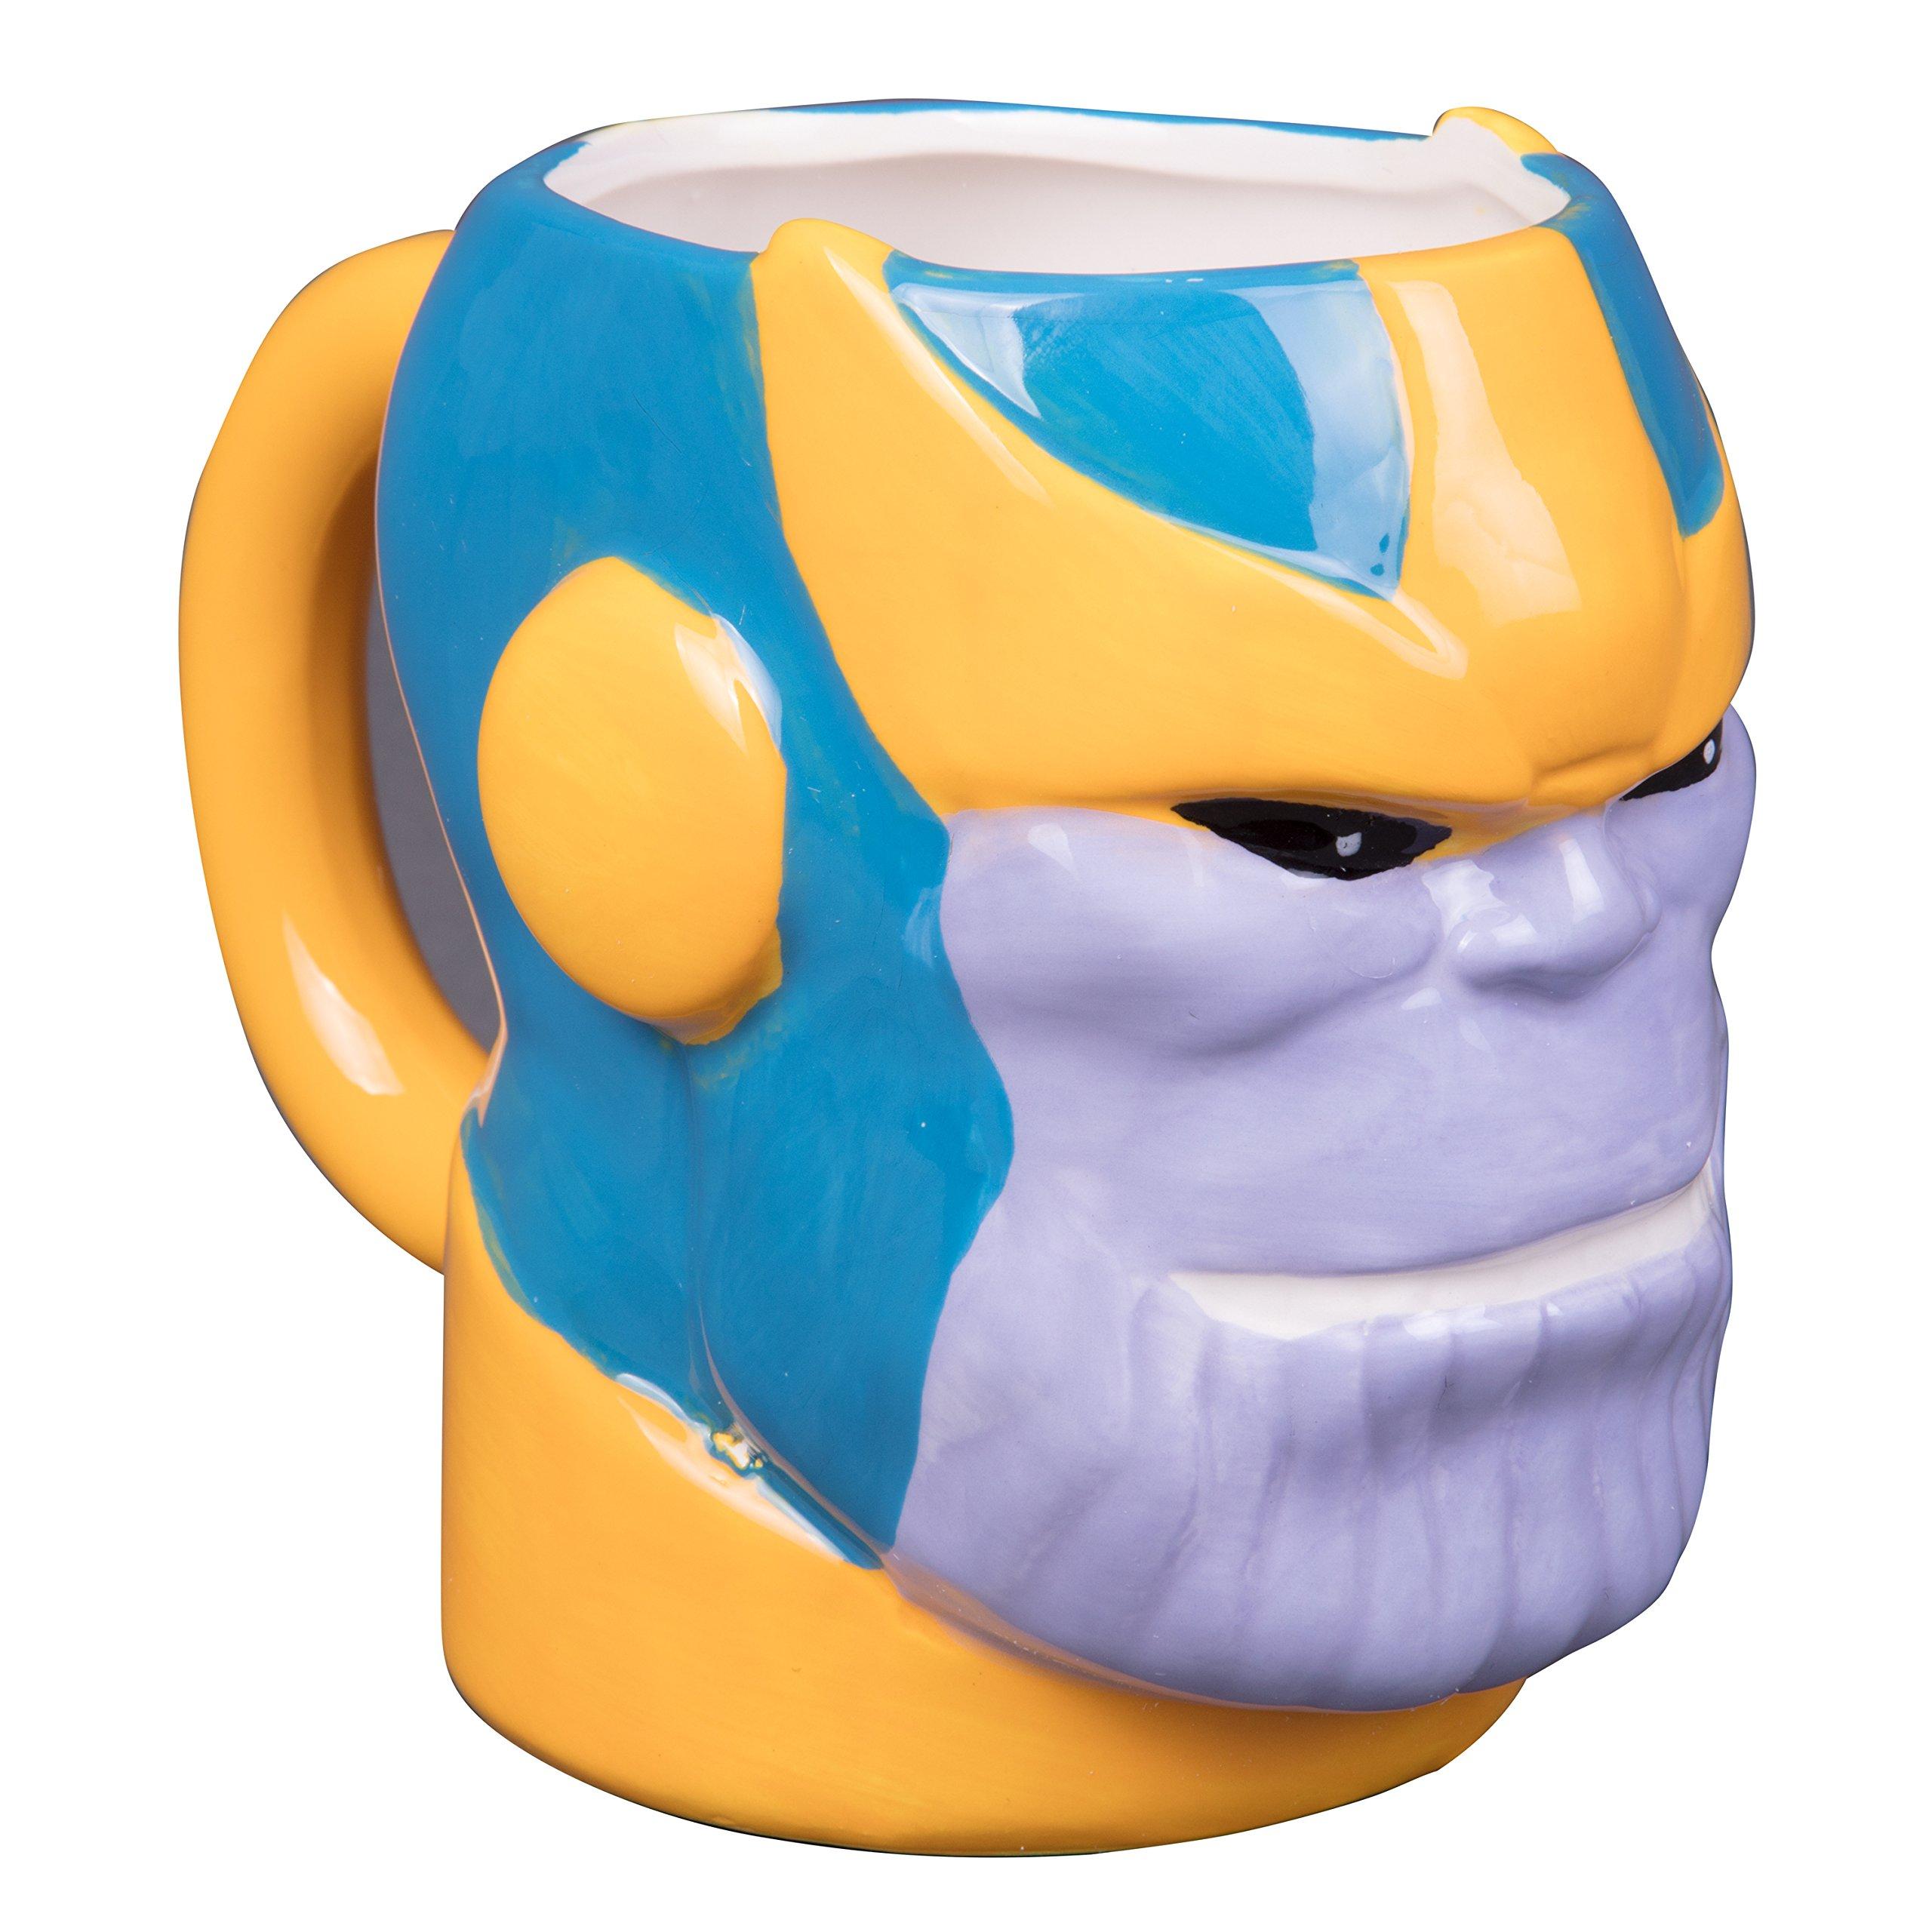 Buy Thanos Ceramic Mug Now!